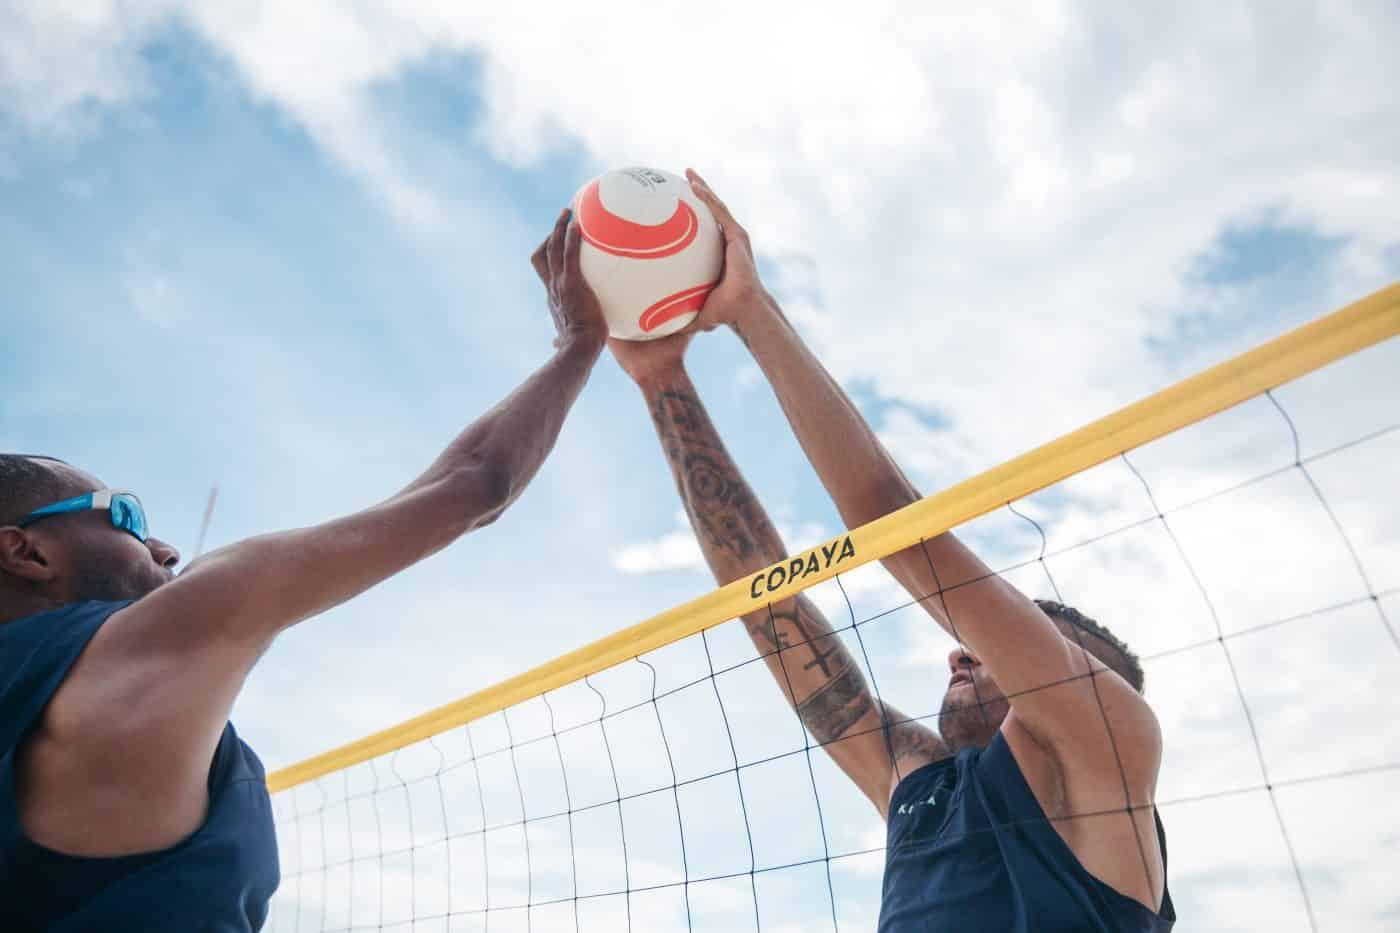 copaya-la-nouvelle-marque-de-beach-volley-chez-decathlon-8